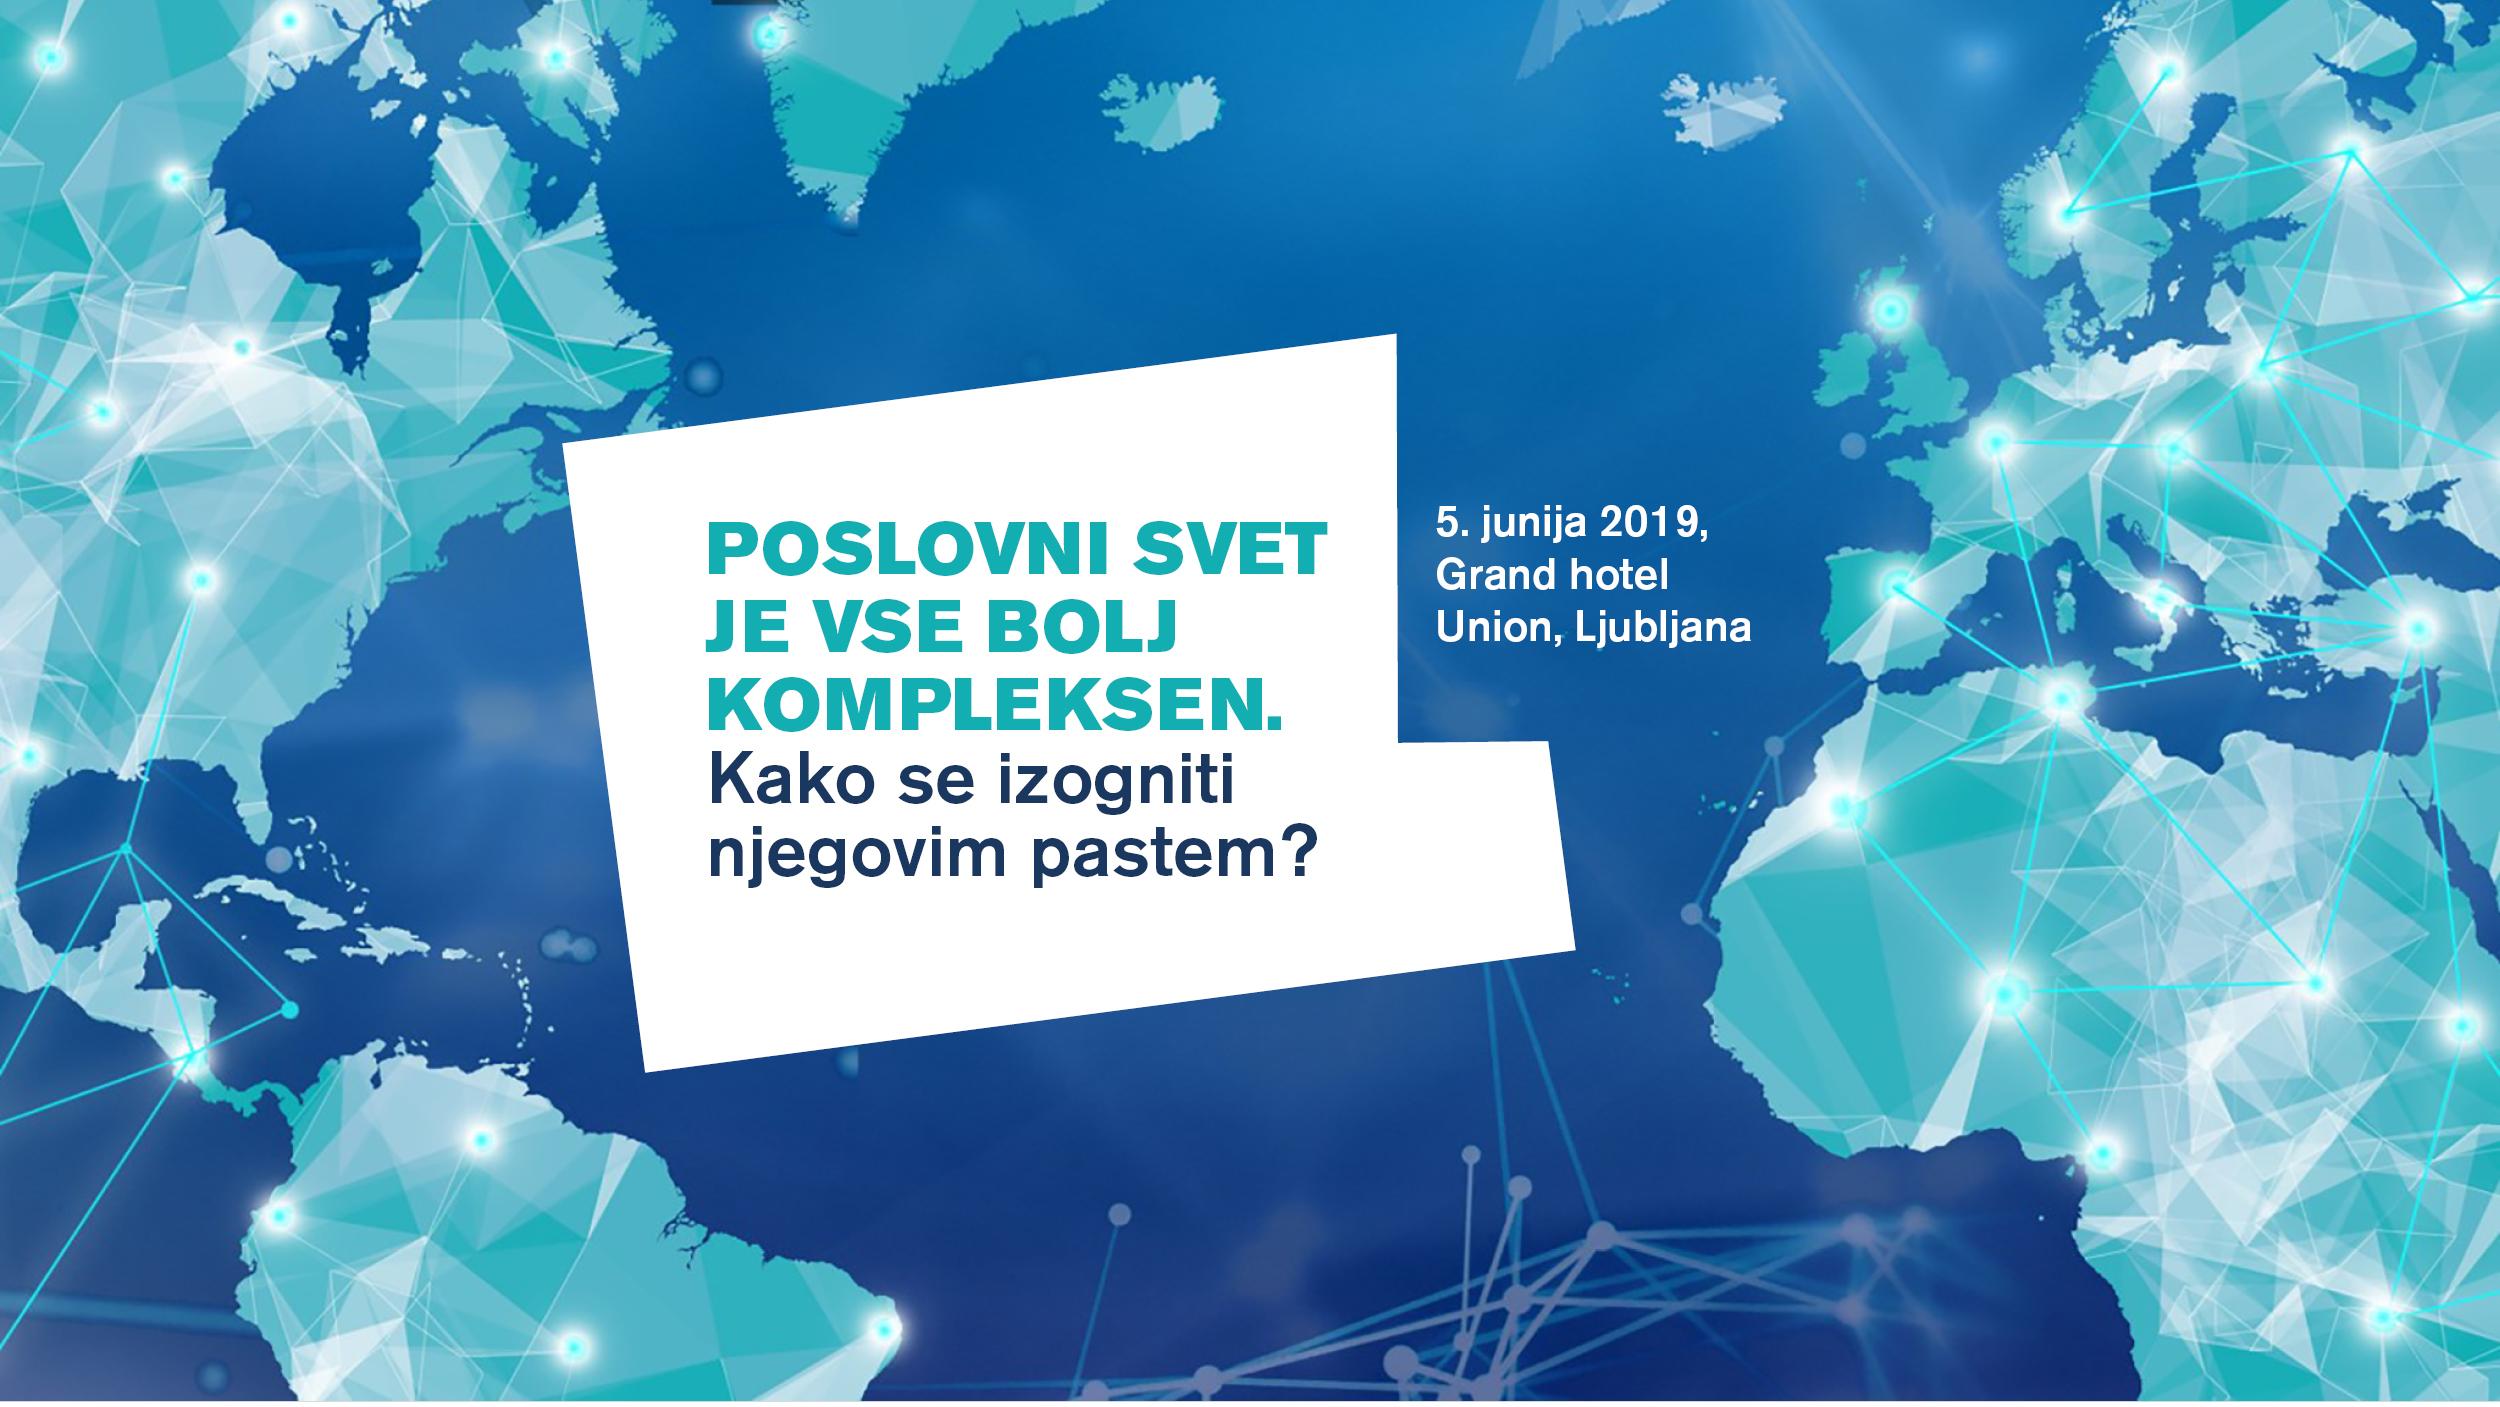 Mednarodna tveganja, ki zaznamujejo slovensko gospodarstvo.  Kaj se nam obeta?